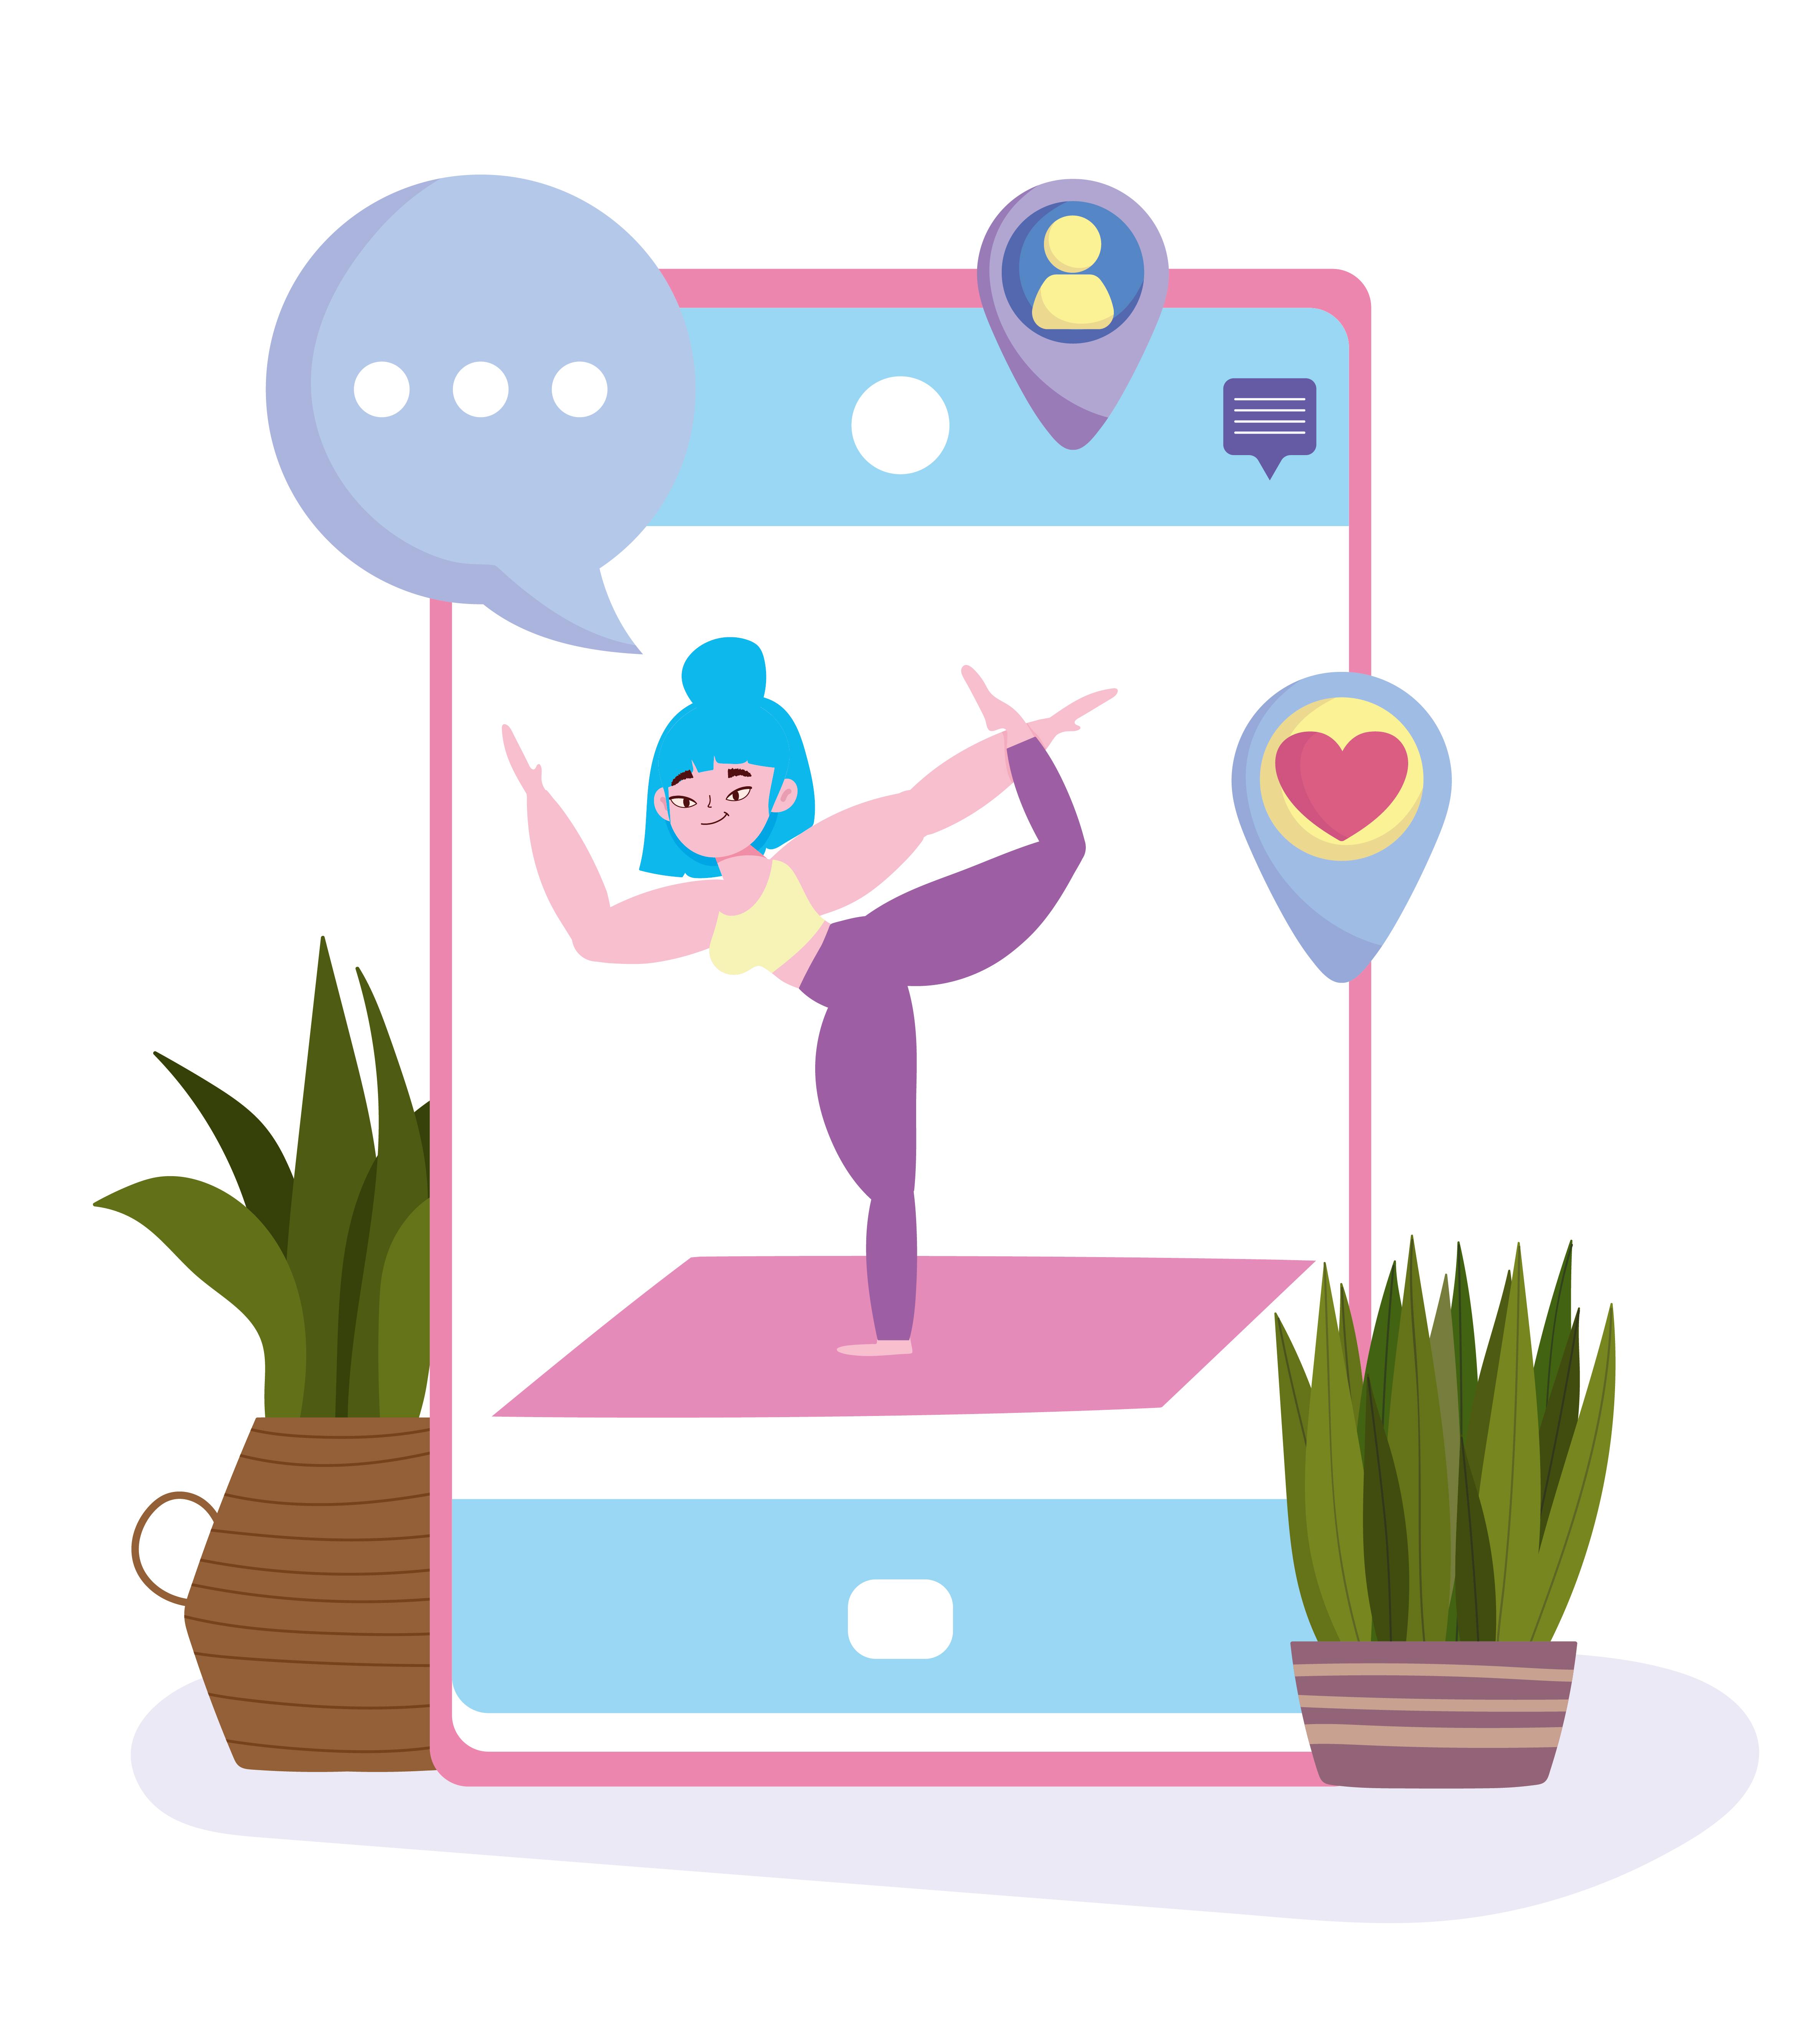 aplicación de entrenamiento de yoga